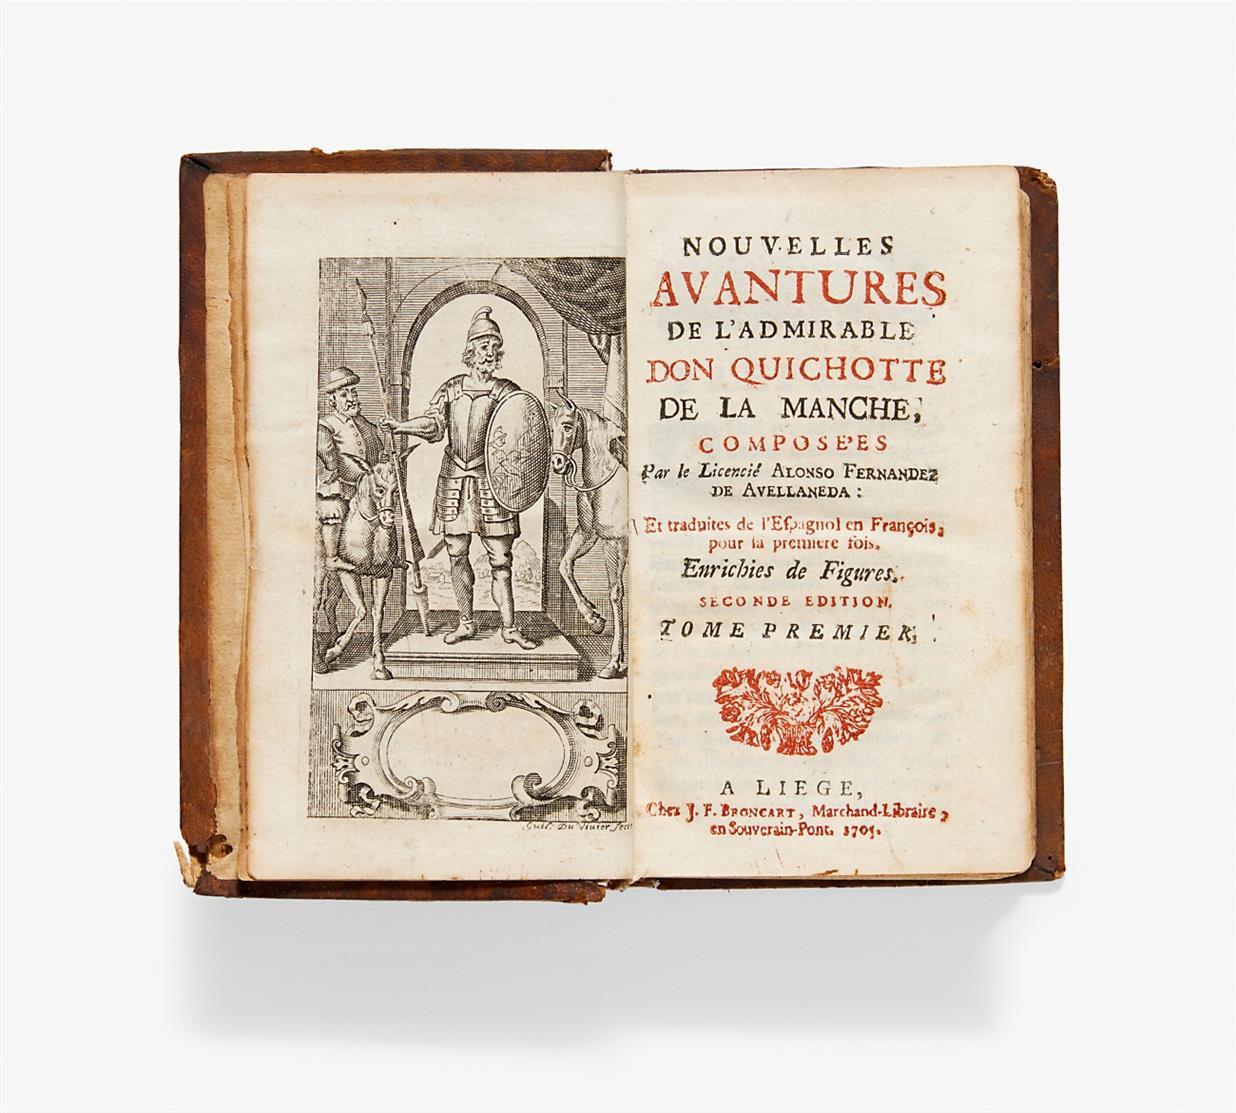 Cervantes/ A. F. de Avellaneda, Nouvelles avantures... Don Quichotte. 2 Bde in 1. 1705.